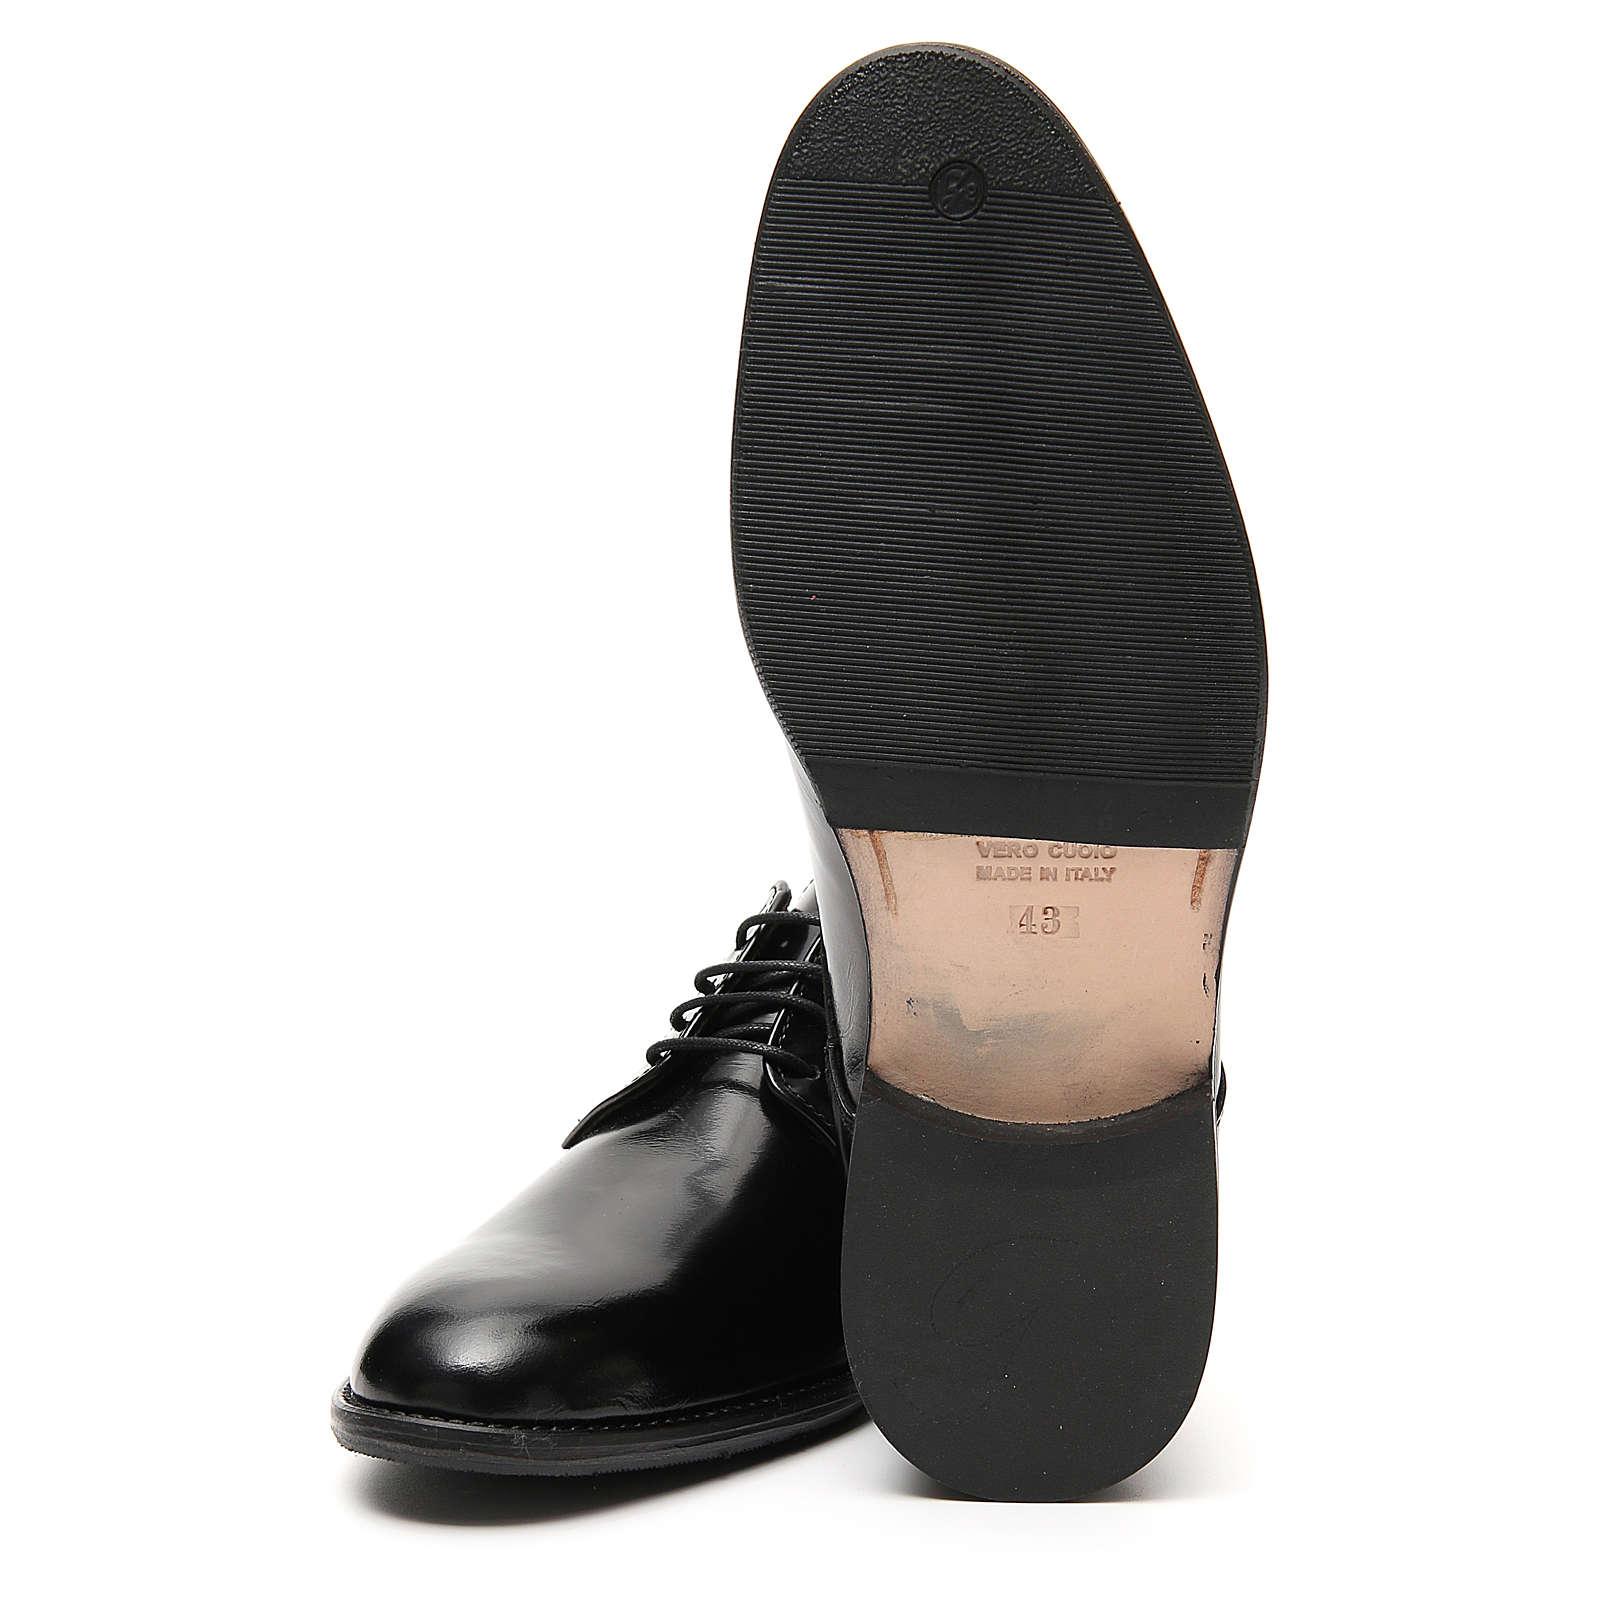 Scarpe vera pelle abrasivato nero liscio 4